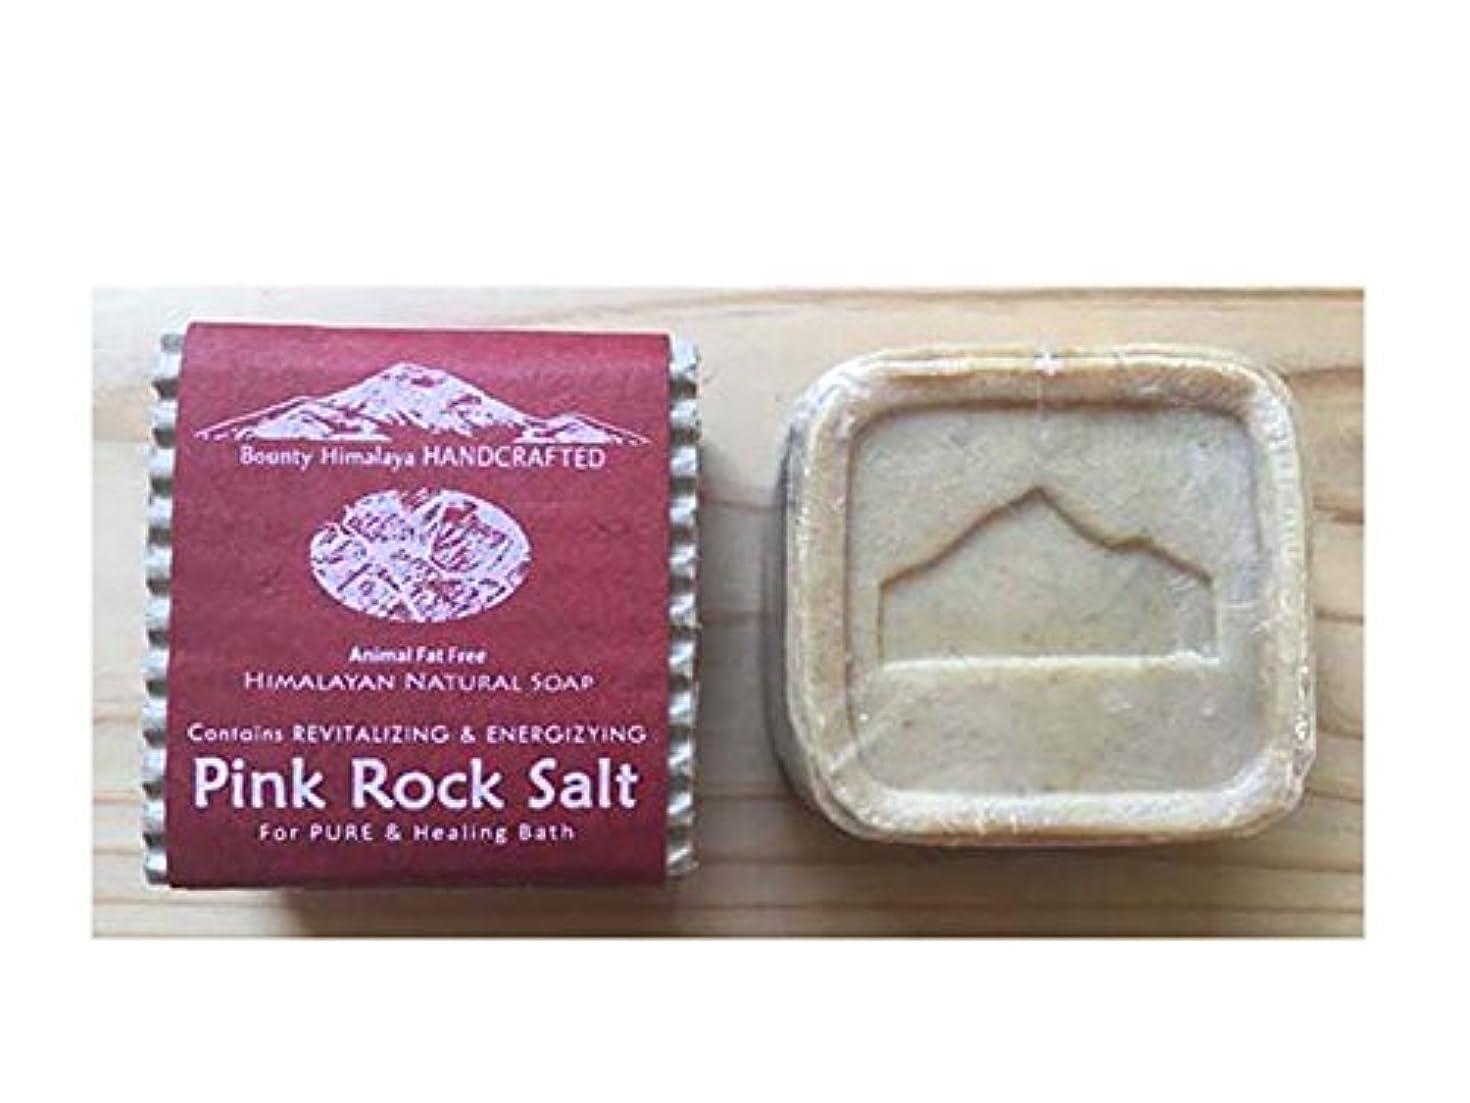 仮称マグ険しいアーユルヴェーダ ヒマラヤ?ロッキーソープ(ピンクロックソルトソープ) Bounty Himalaya Pink Rock Salt SOAP(NEPAL AYURVEDA) 100g